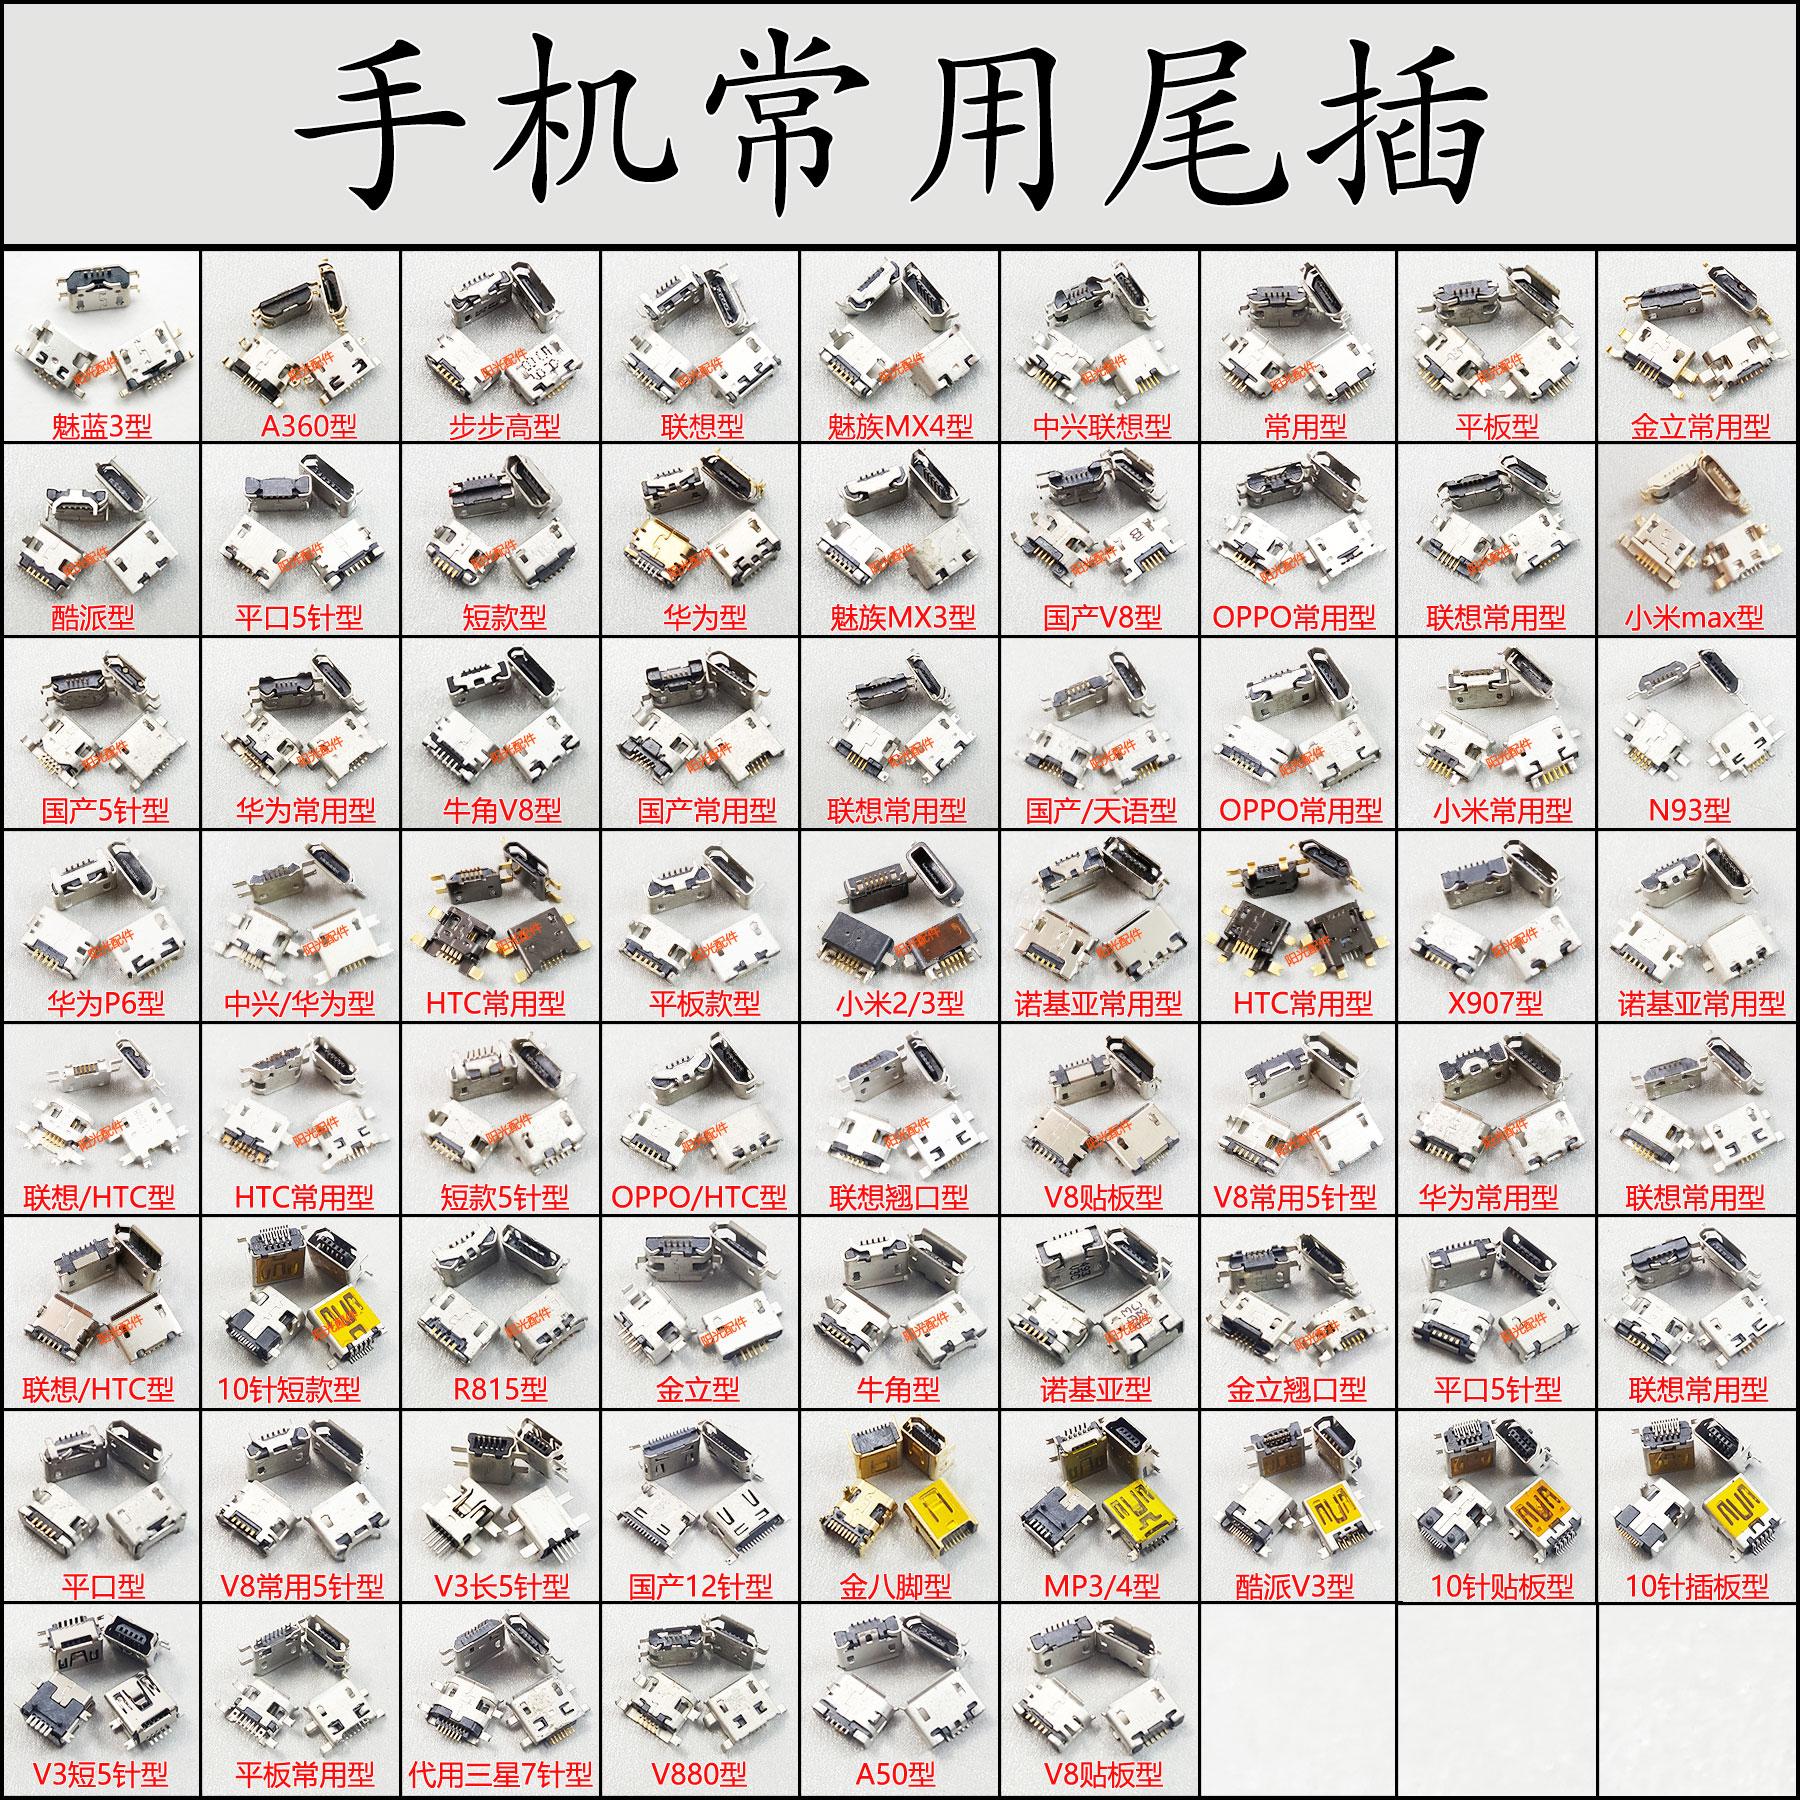 Điện thoại di động thường được sử dụng đuôi cắm phụ kiện trong nước phổ 5 pin Huawei Jinli OPPOvivo Meizu V8 sạc giao diện